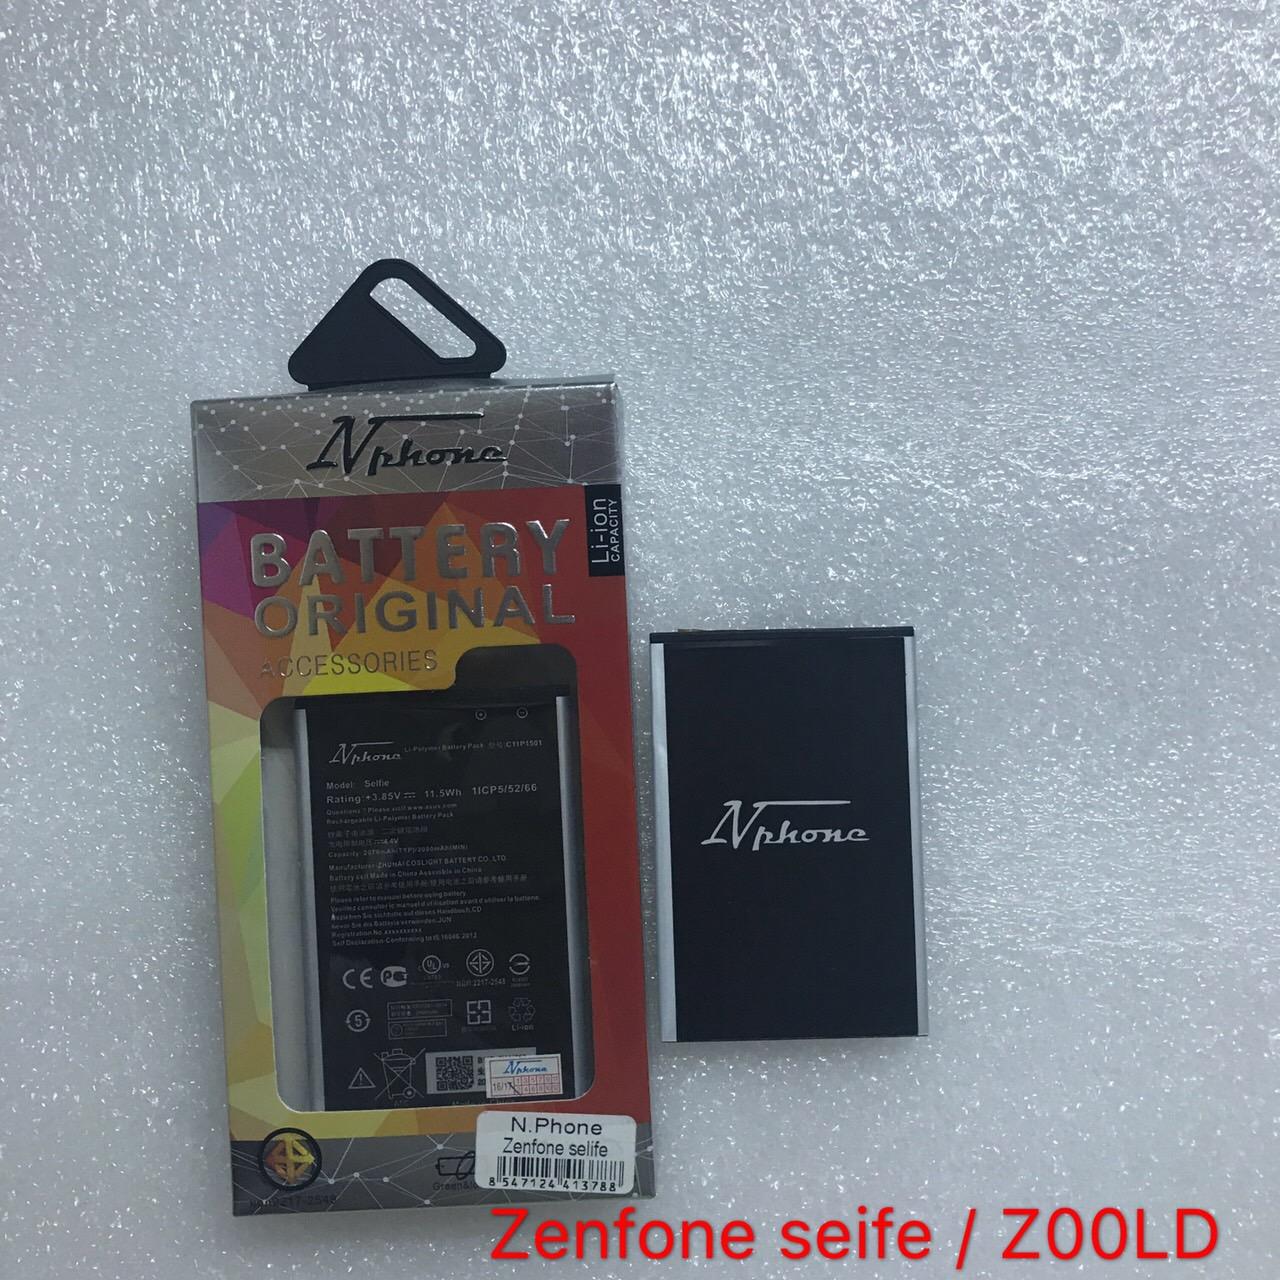 แบตเตอร์รี่ งานบริษัท ( มี มอก ไส้เต็ม ) Asus Zenfone Seife / ZOOLD